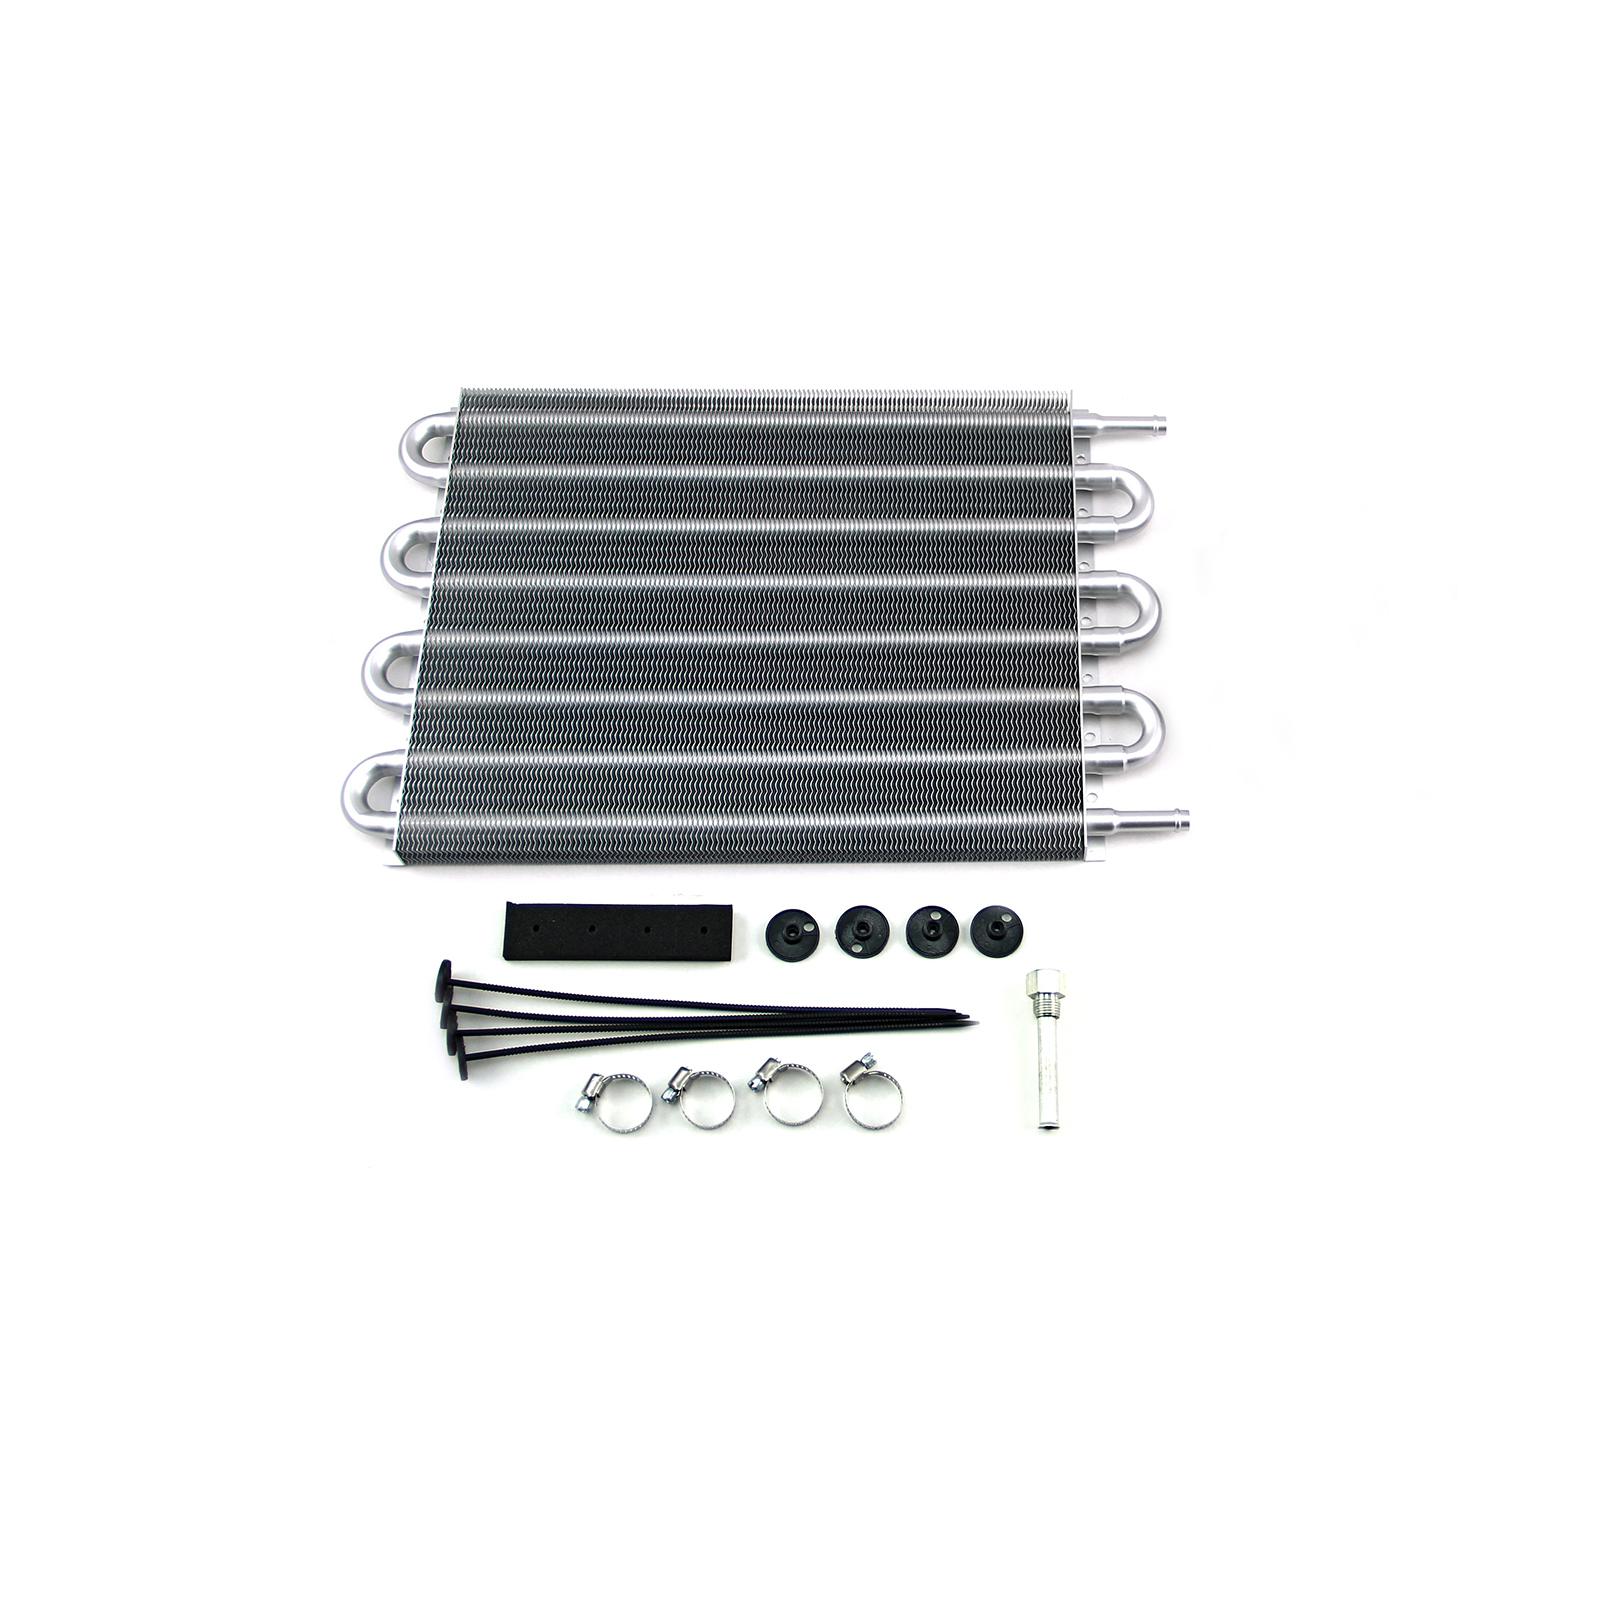 Flat-Transmission-Oil-Cooler-15-5-x-10